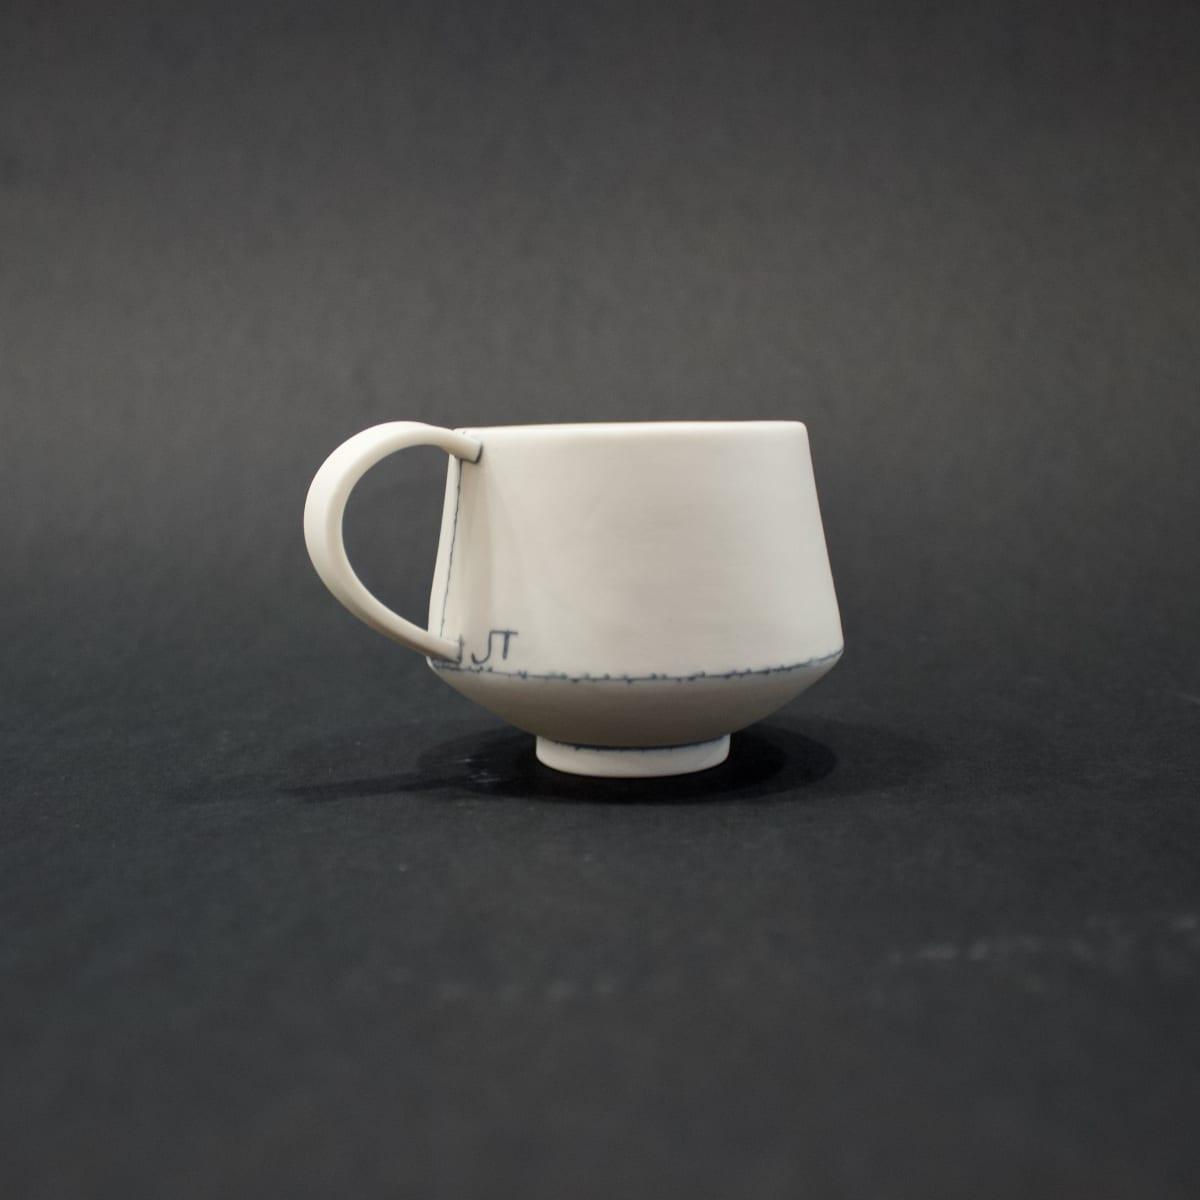 Jessica Thorn Espresso Cup, 2019 Porcelain 6 x 9 x 6 cm 2 3/8 x 3 1/2 x 2 3/8 in